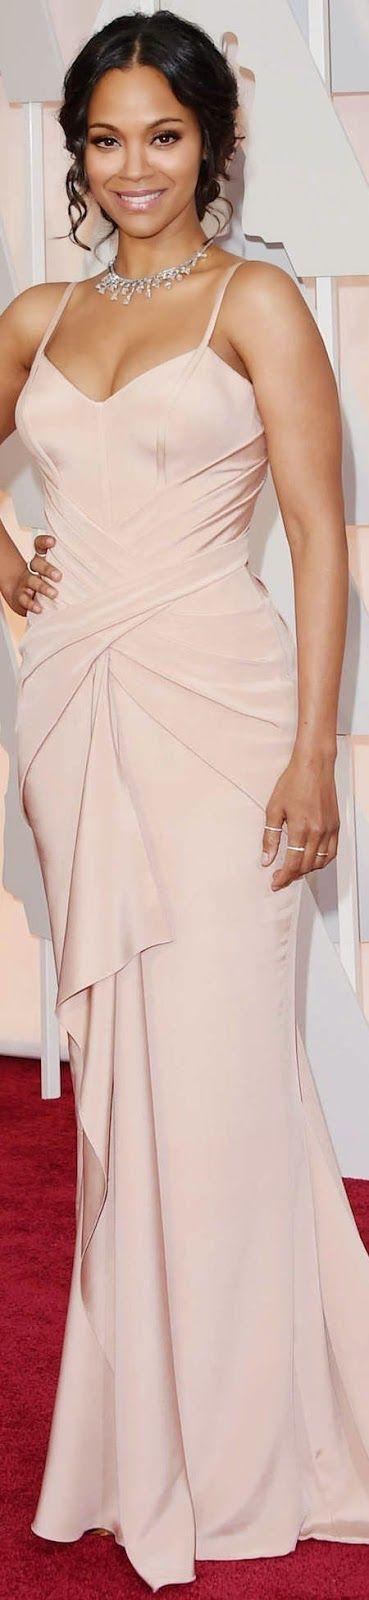 Zoe-Saldana--2015-Oscars--03.jpg (369×1600)